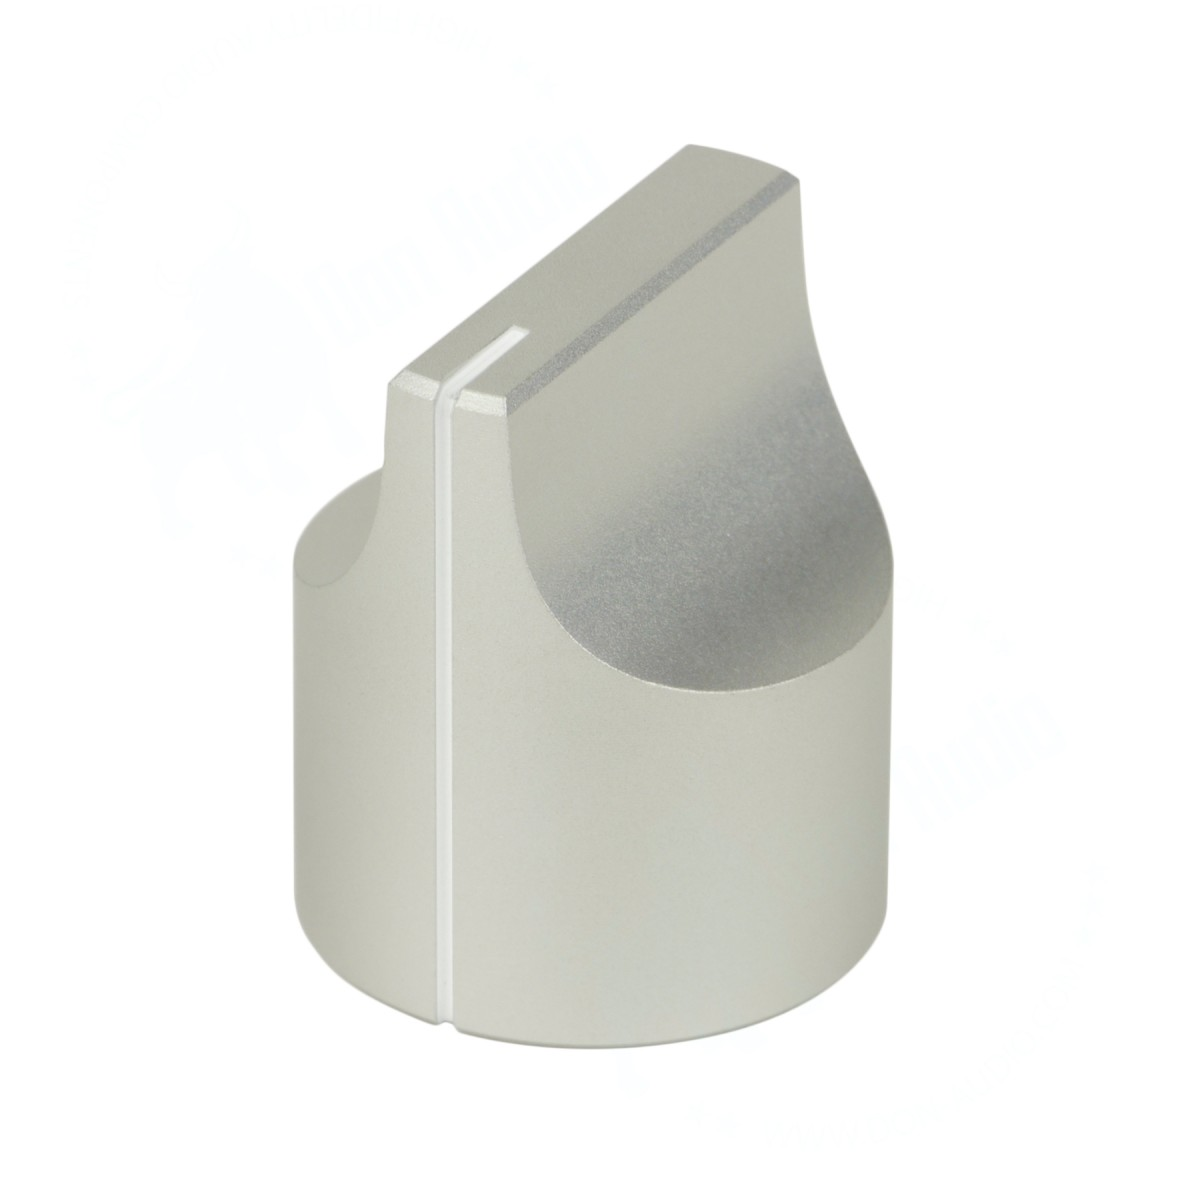 Solid Aluminum Knob SUBLIME